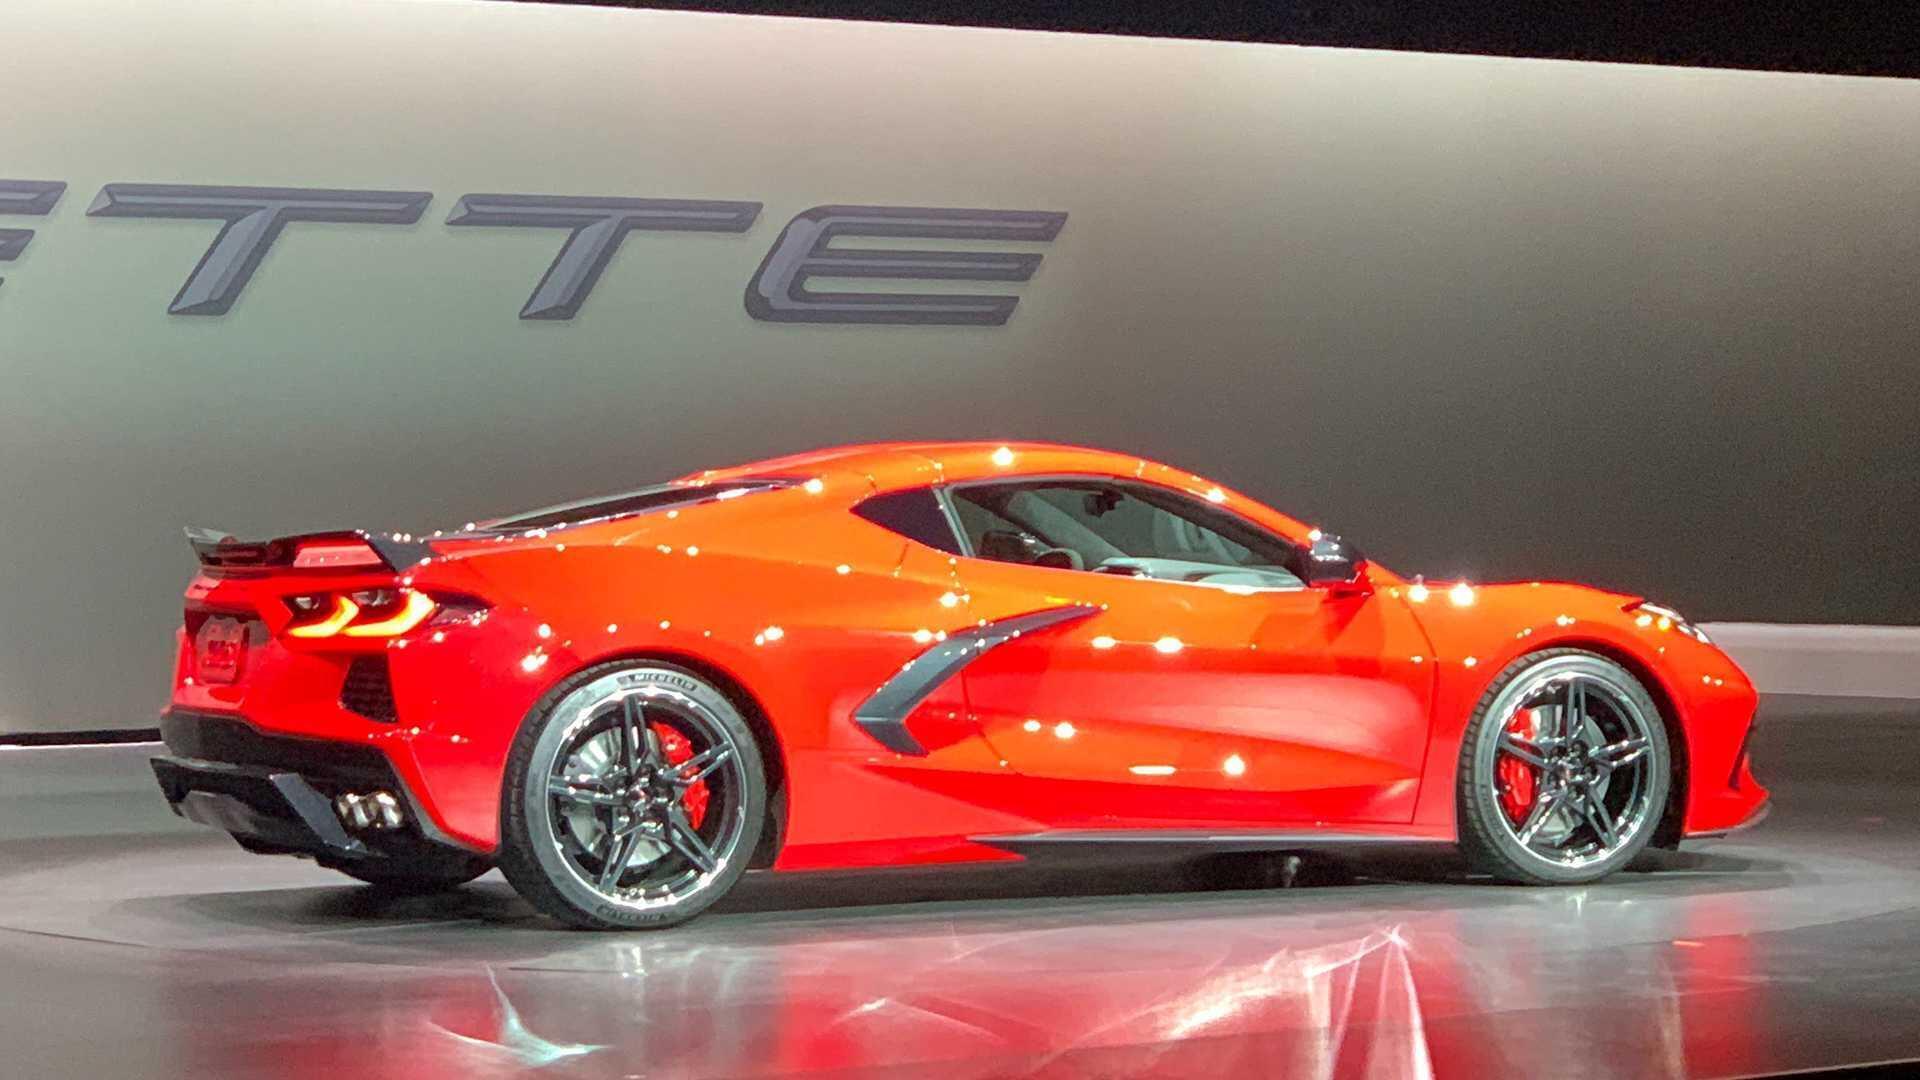 https://cdn.dailyxe.com.vn/image/chevrolet-corvette-2020-co-mot-so-tinh-nang-an-tuyet-voi-2-94518j2.jpg